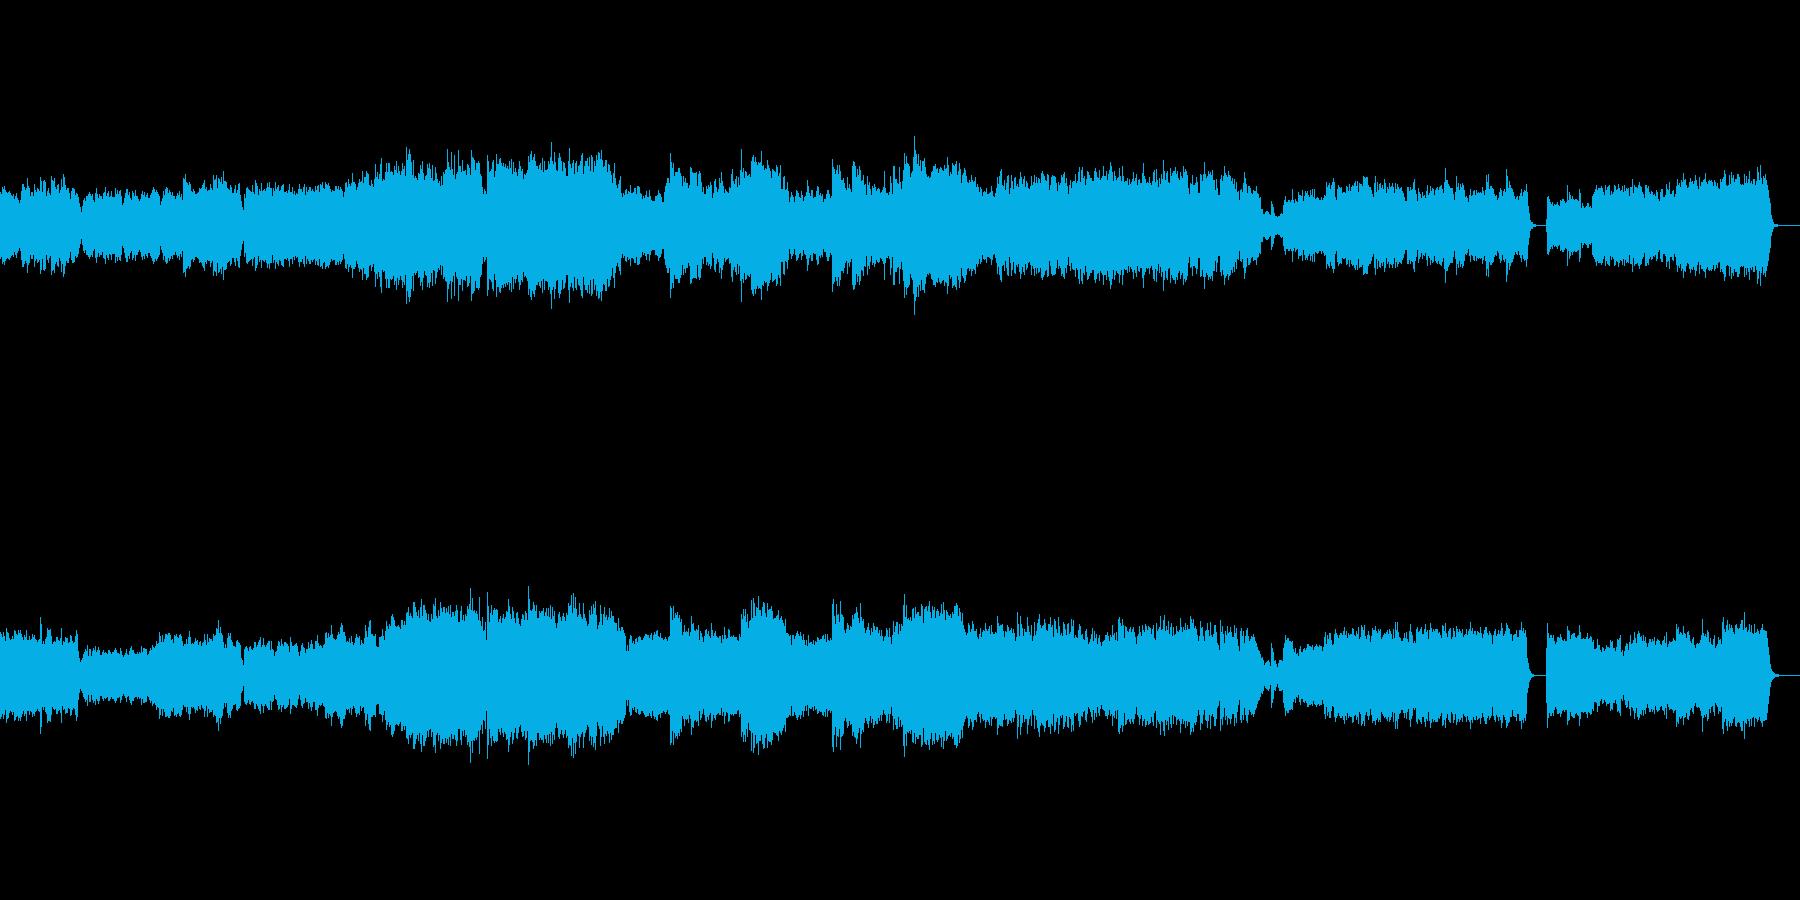 『ペール・ギュント』第1組曲より第一曲 の再生済みの波形